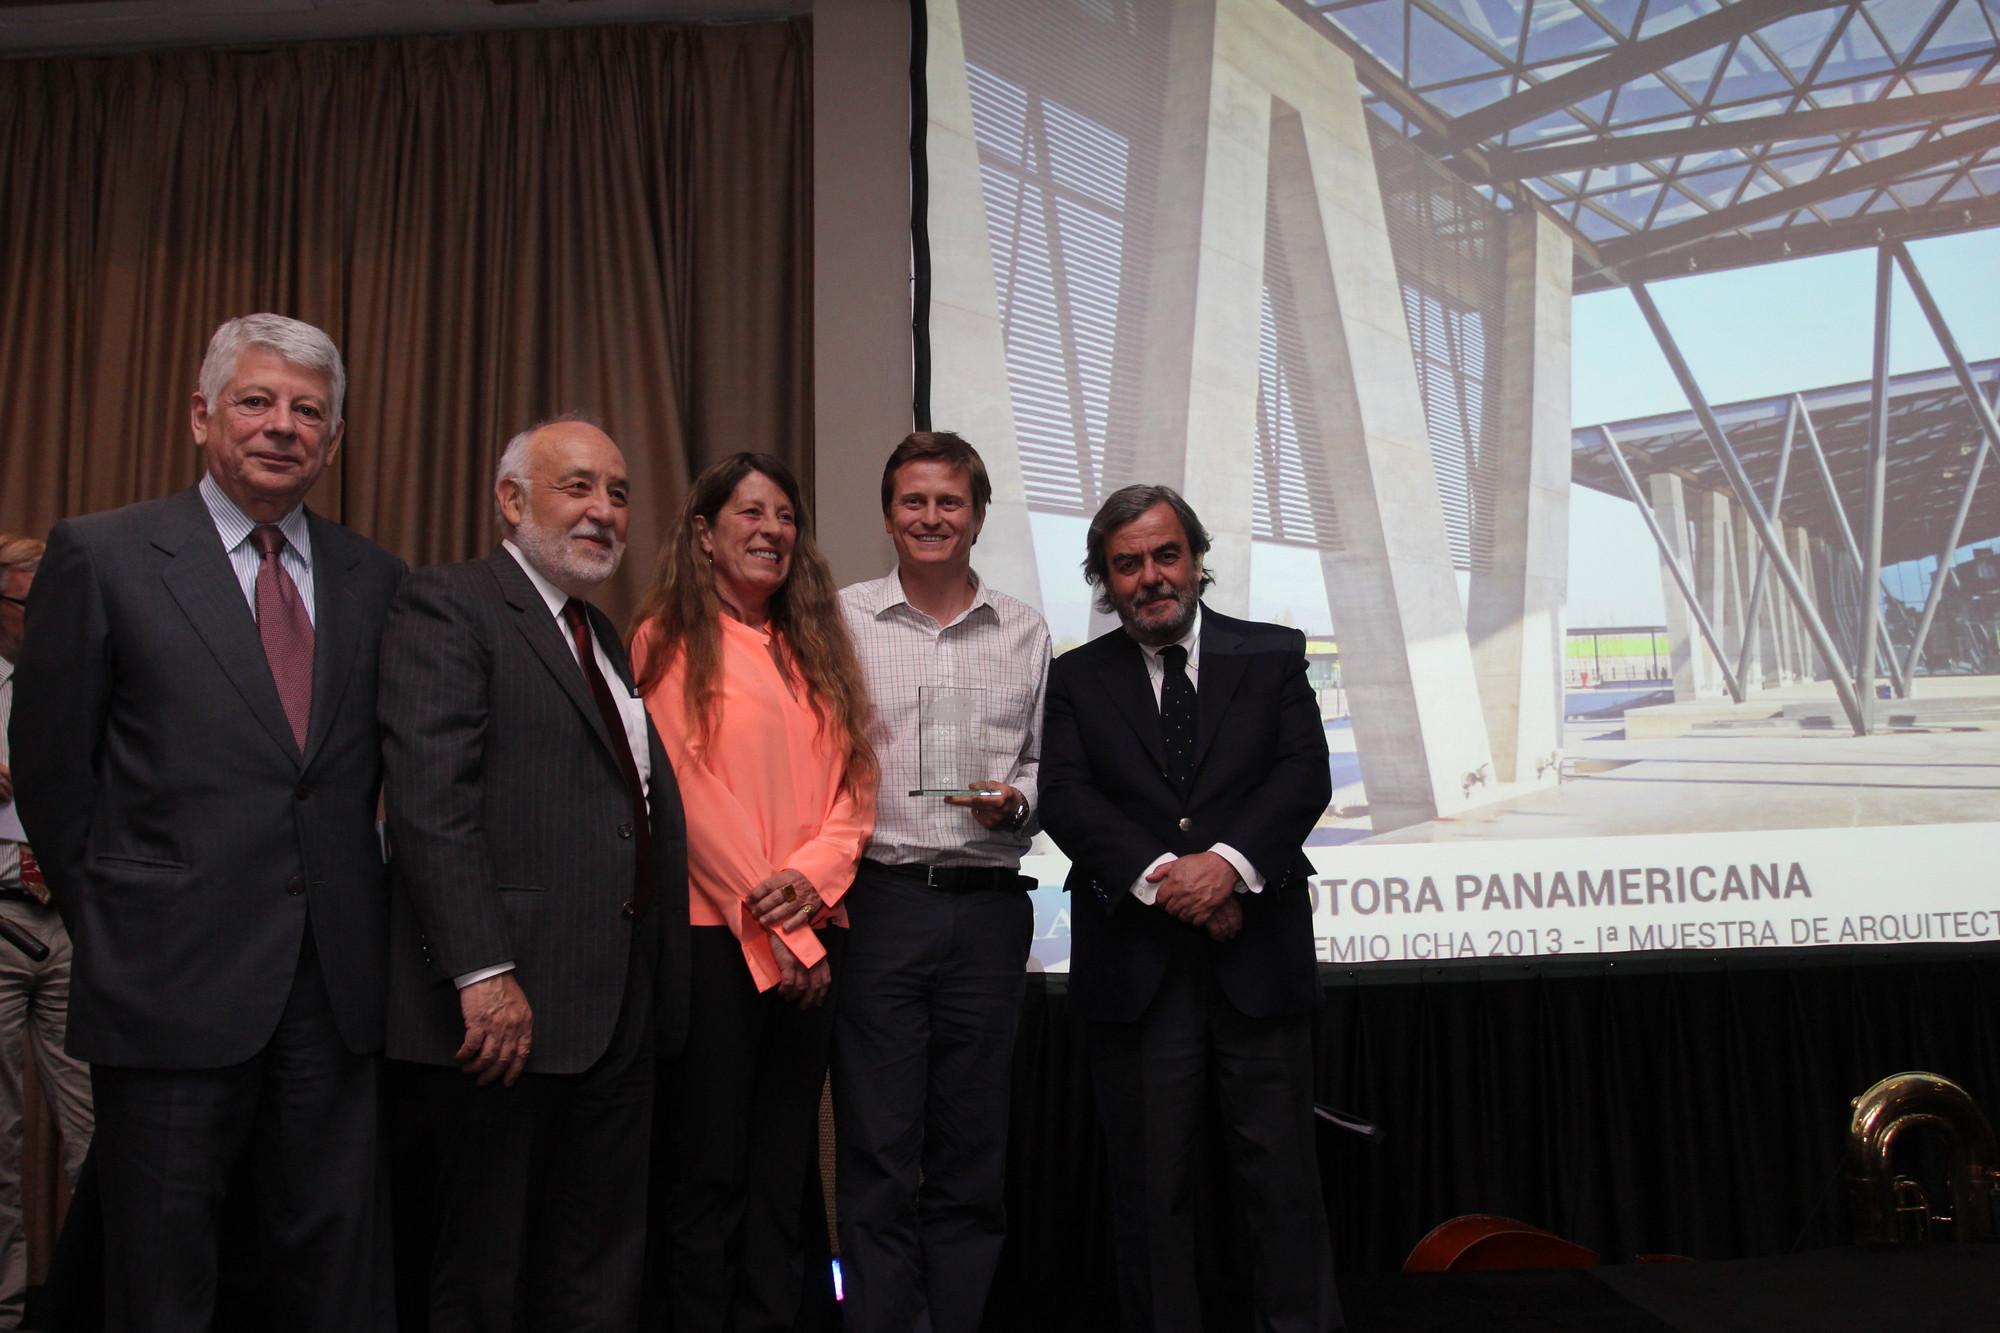 Edificio Corporativo Indumotora de Sabbagh Arquitectos obtiene 1er lugar de Muestra organizada por el ICHA, Courtesy of ICHA